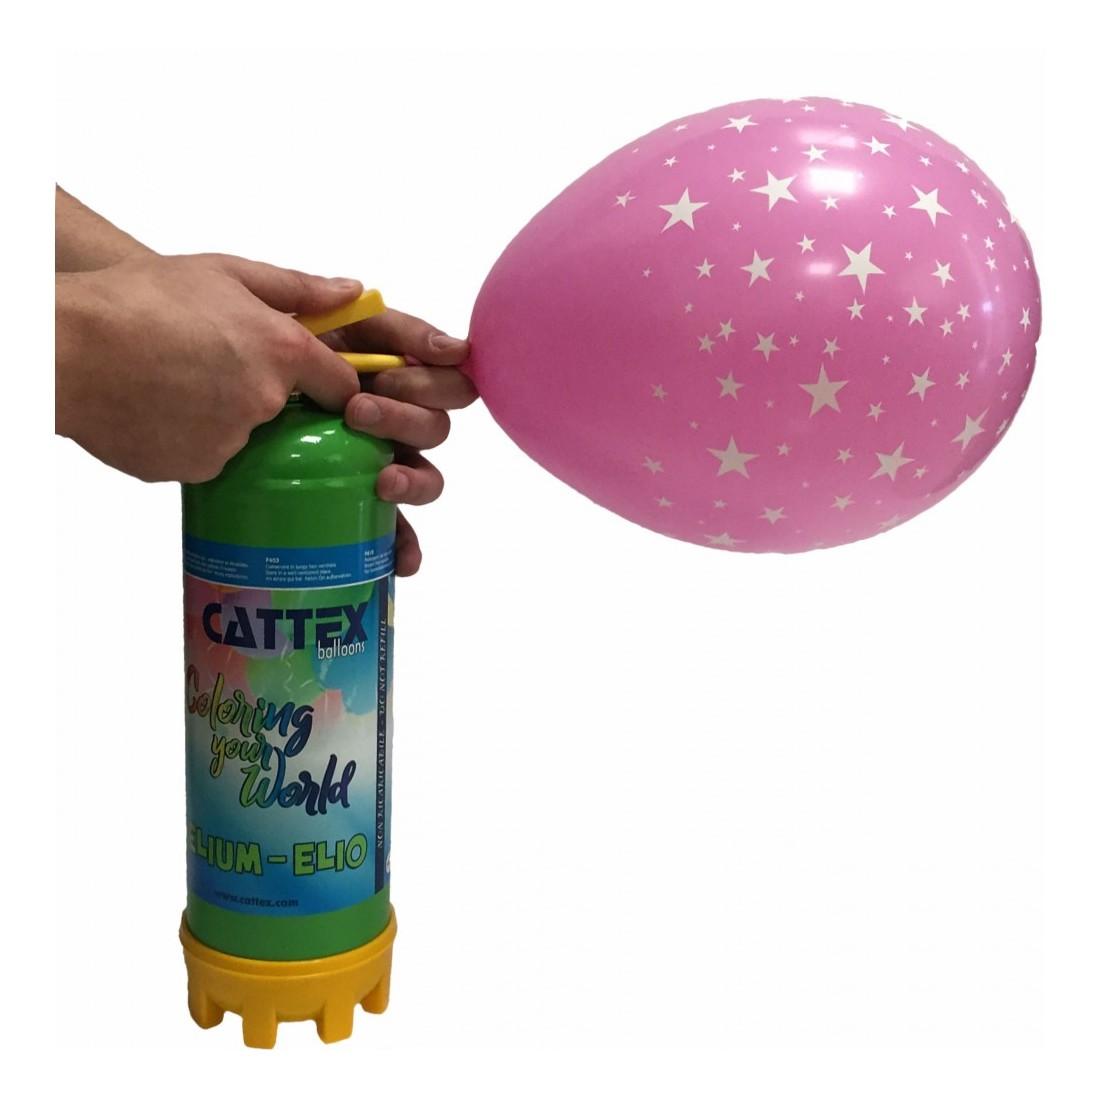 Bombola gas elio MaxxiLine per gonfiare fino a 30 palloncini lattice o mylar